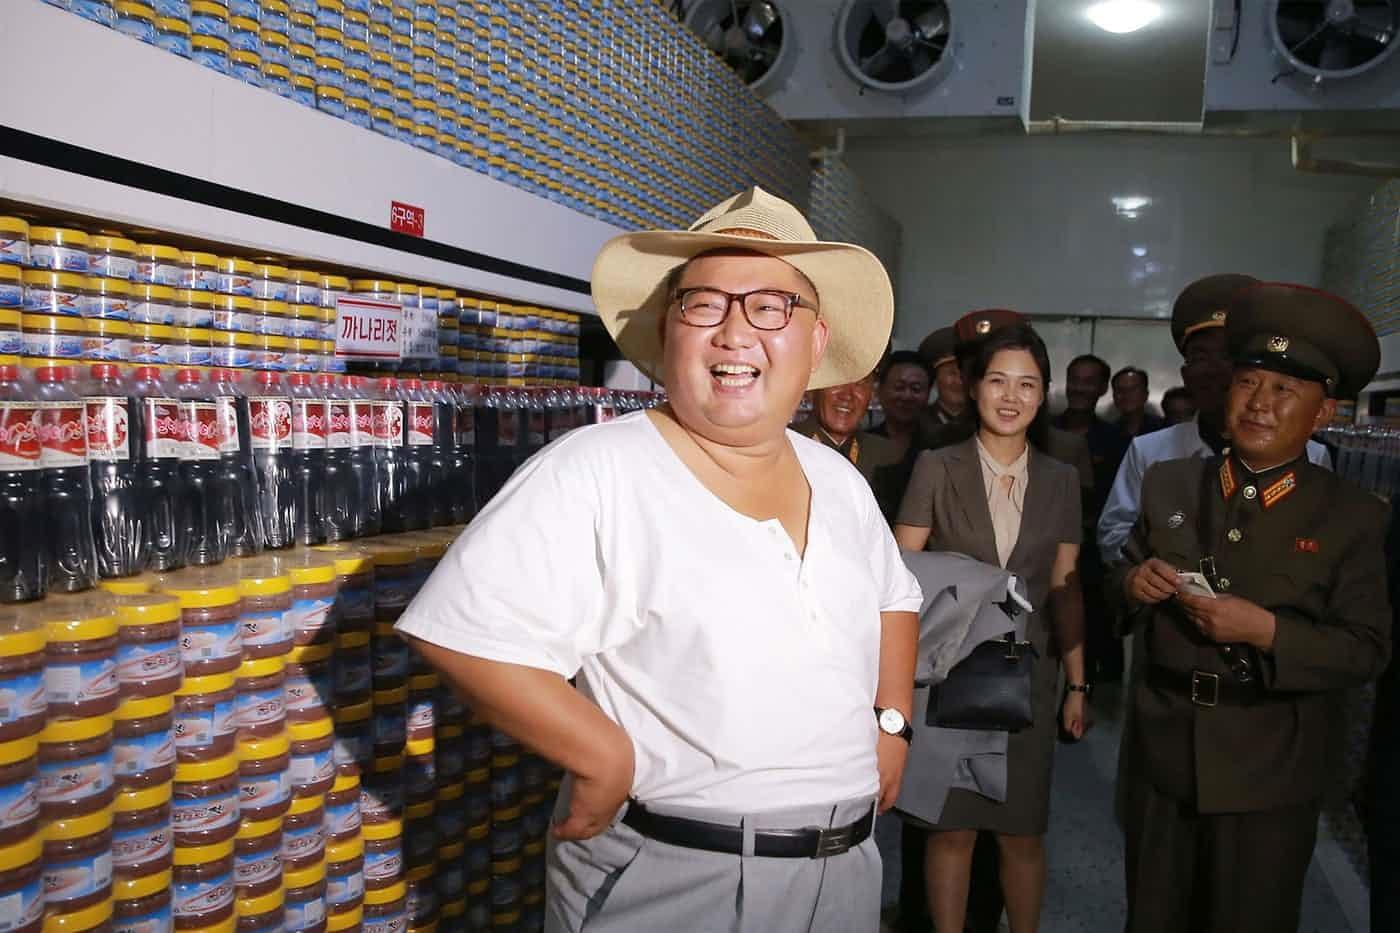 عکس روز: کیم جونگ اون در کارخانه